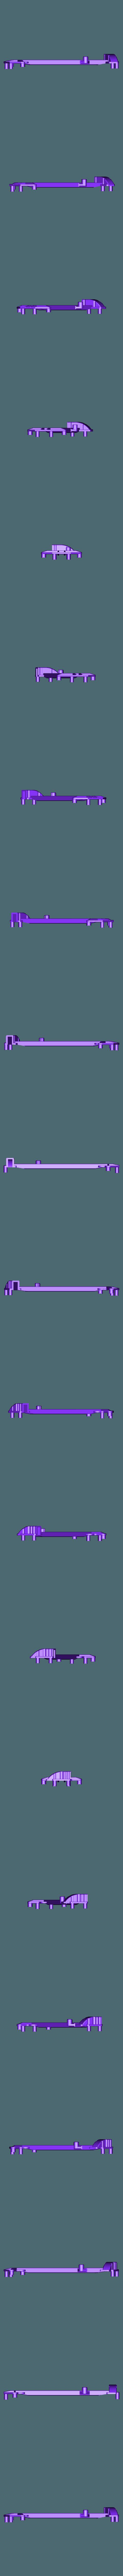 upper deck plate.stl Télécharger fichier STL gratuit WLtoys A959 • Plan imprimable en 3D, EvolvingExtrusions